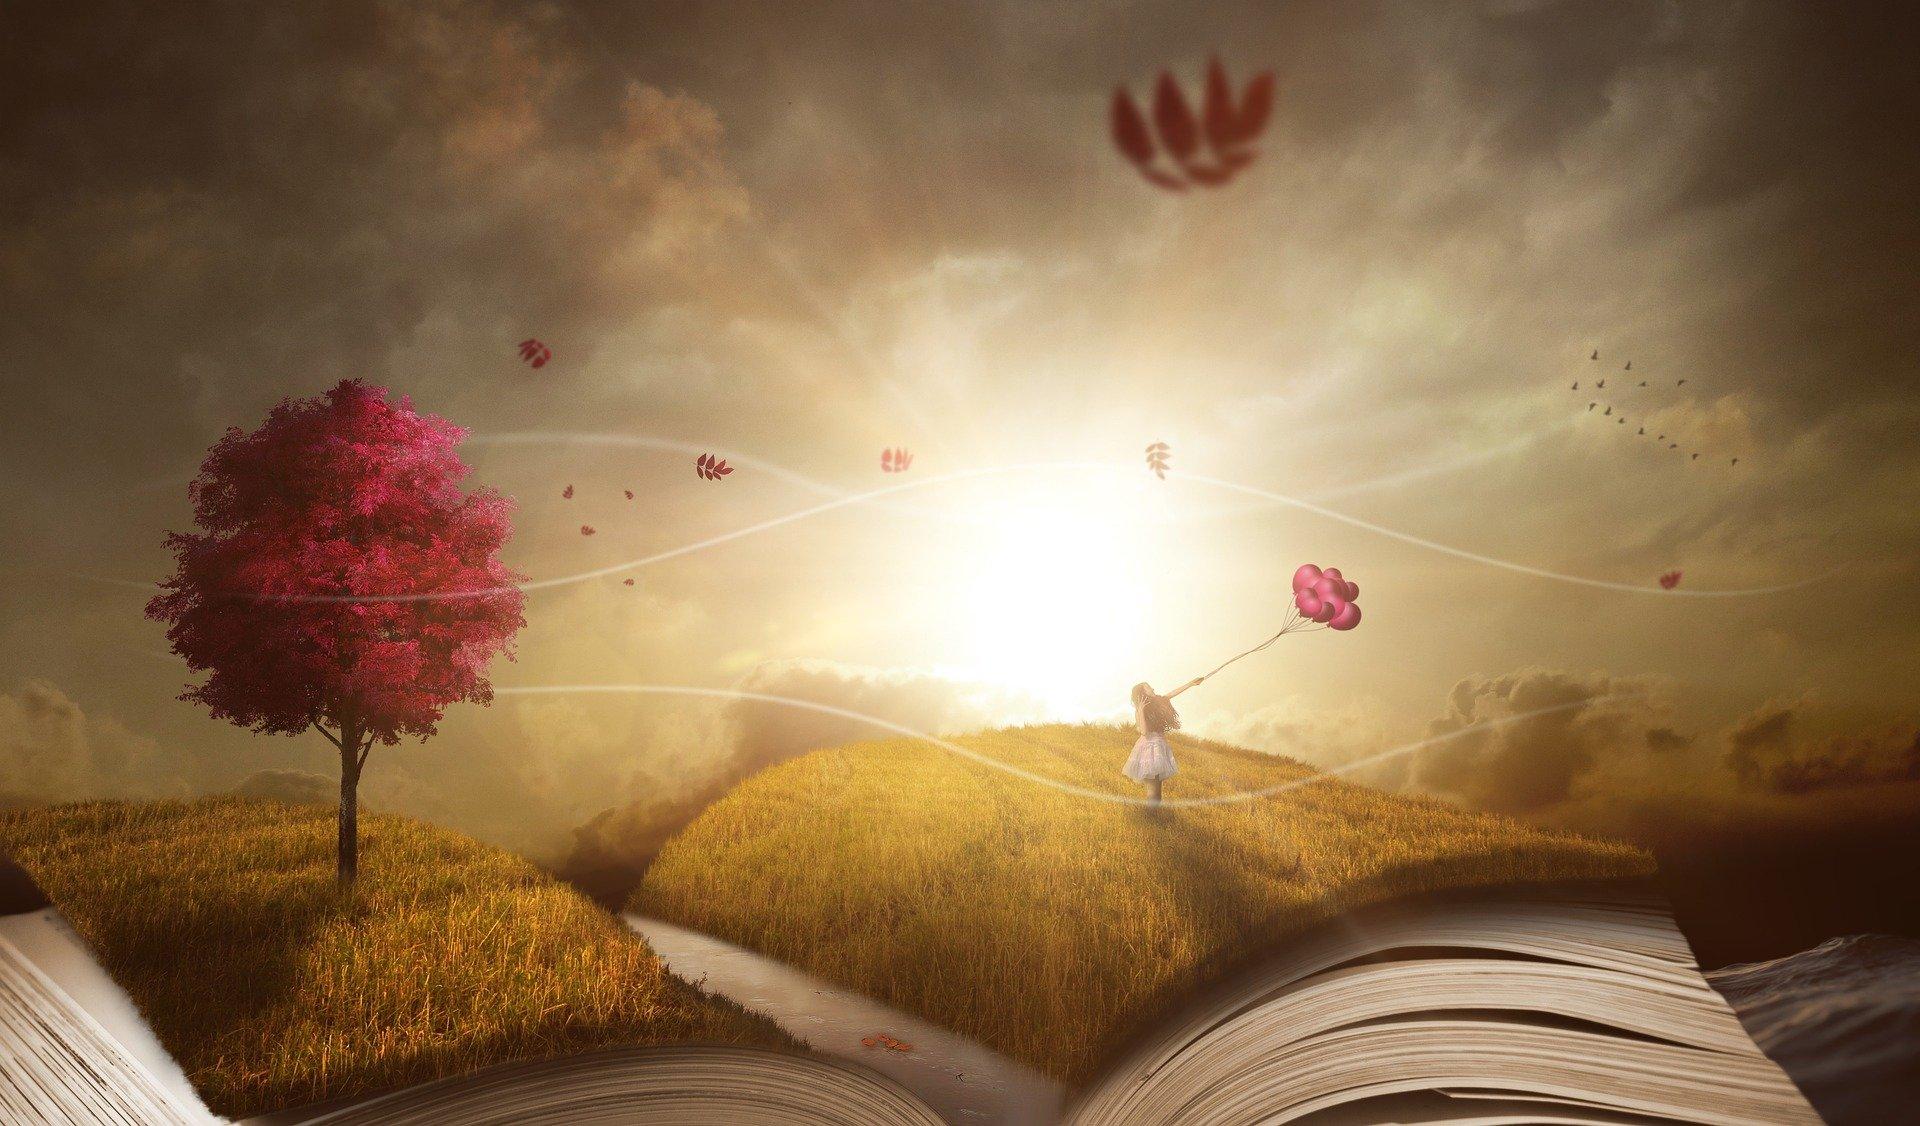 Bild zur Bewerbung des Erzählcafés auf dem ein aufgeschlagenes Buch und mystisch herumfliegende Blumen zu sehen ist. Im Hintergrund geht die Sonne auf. © CC0